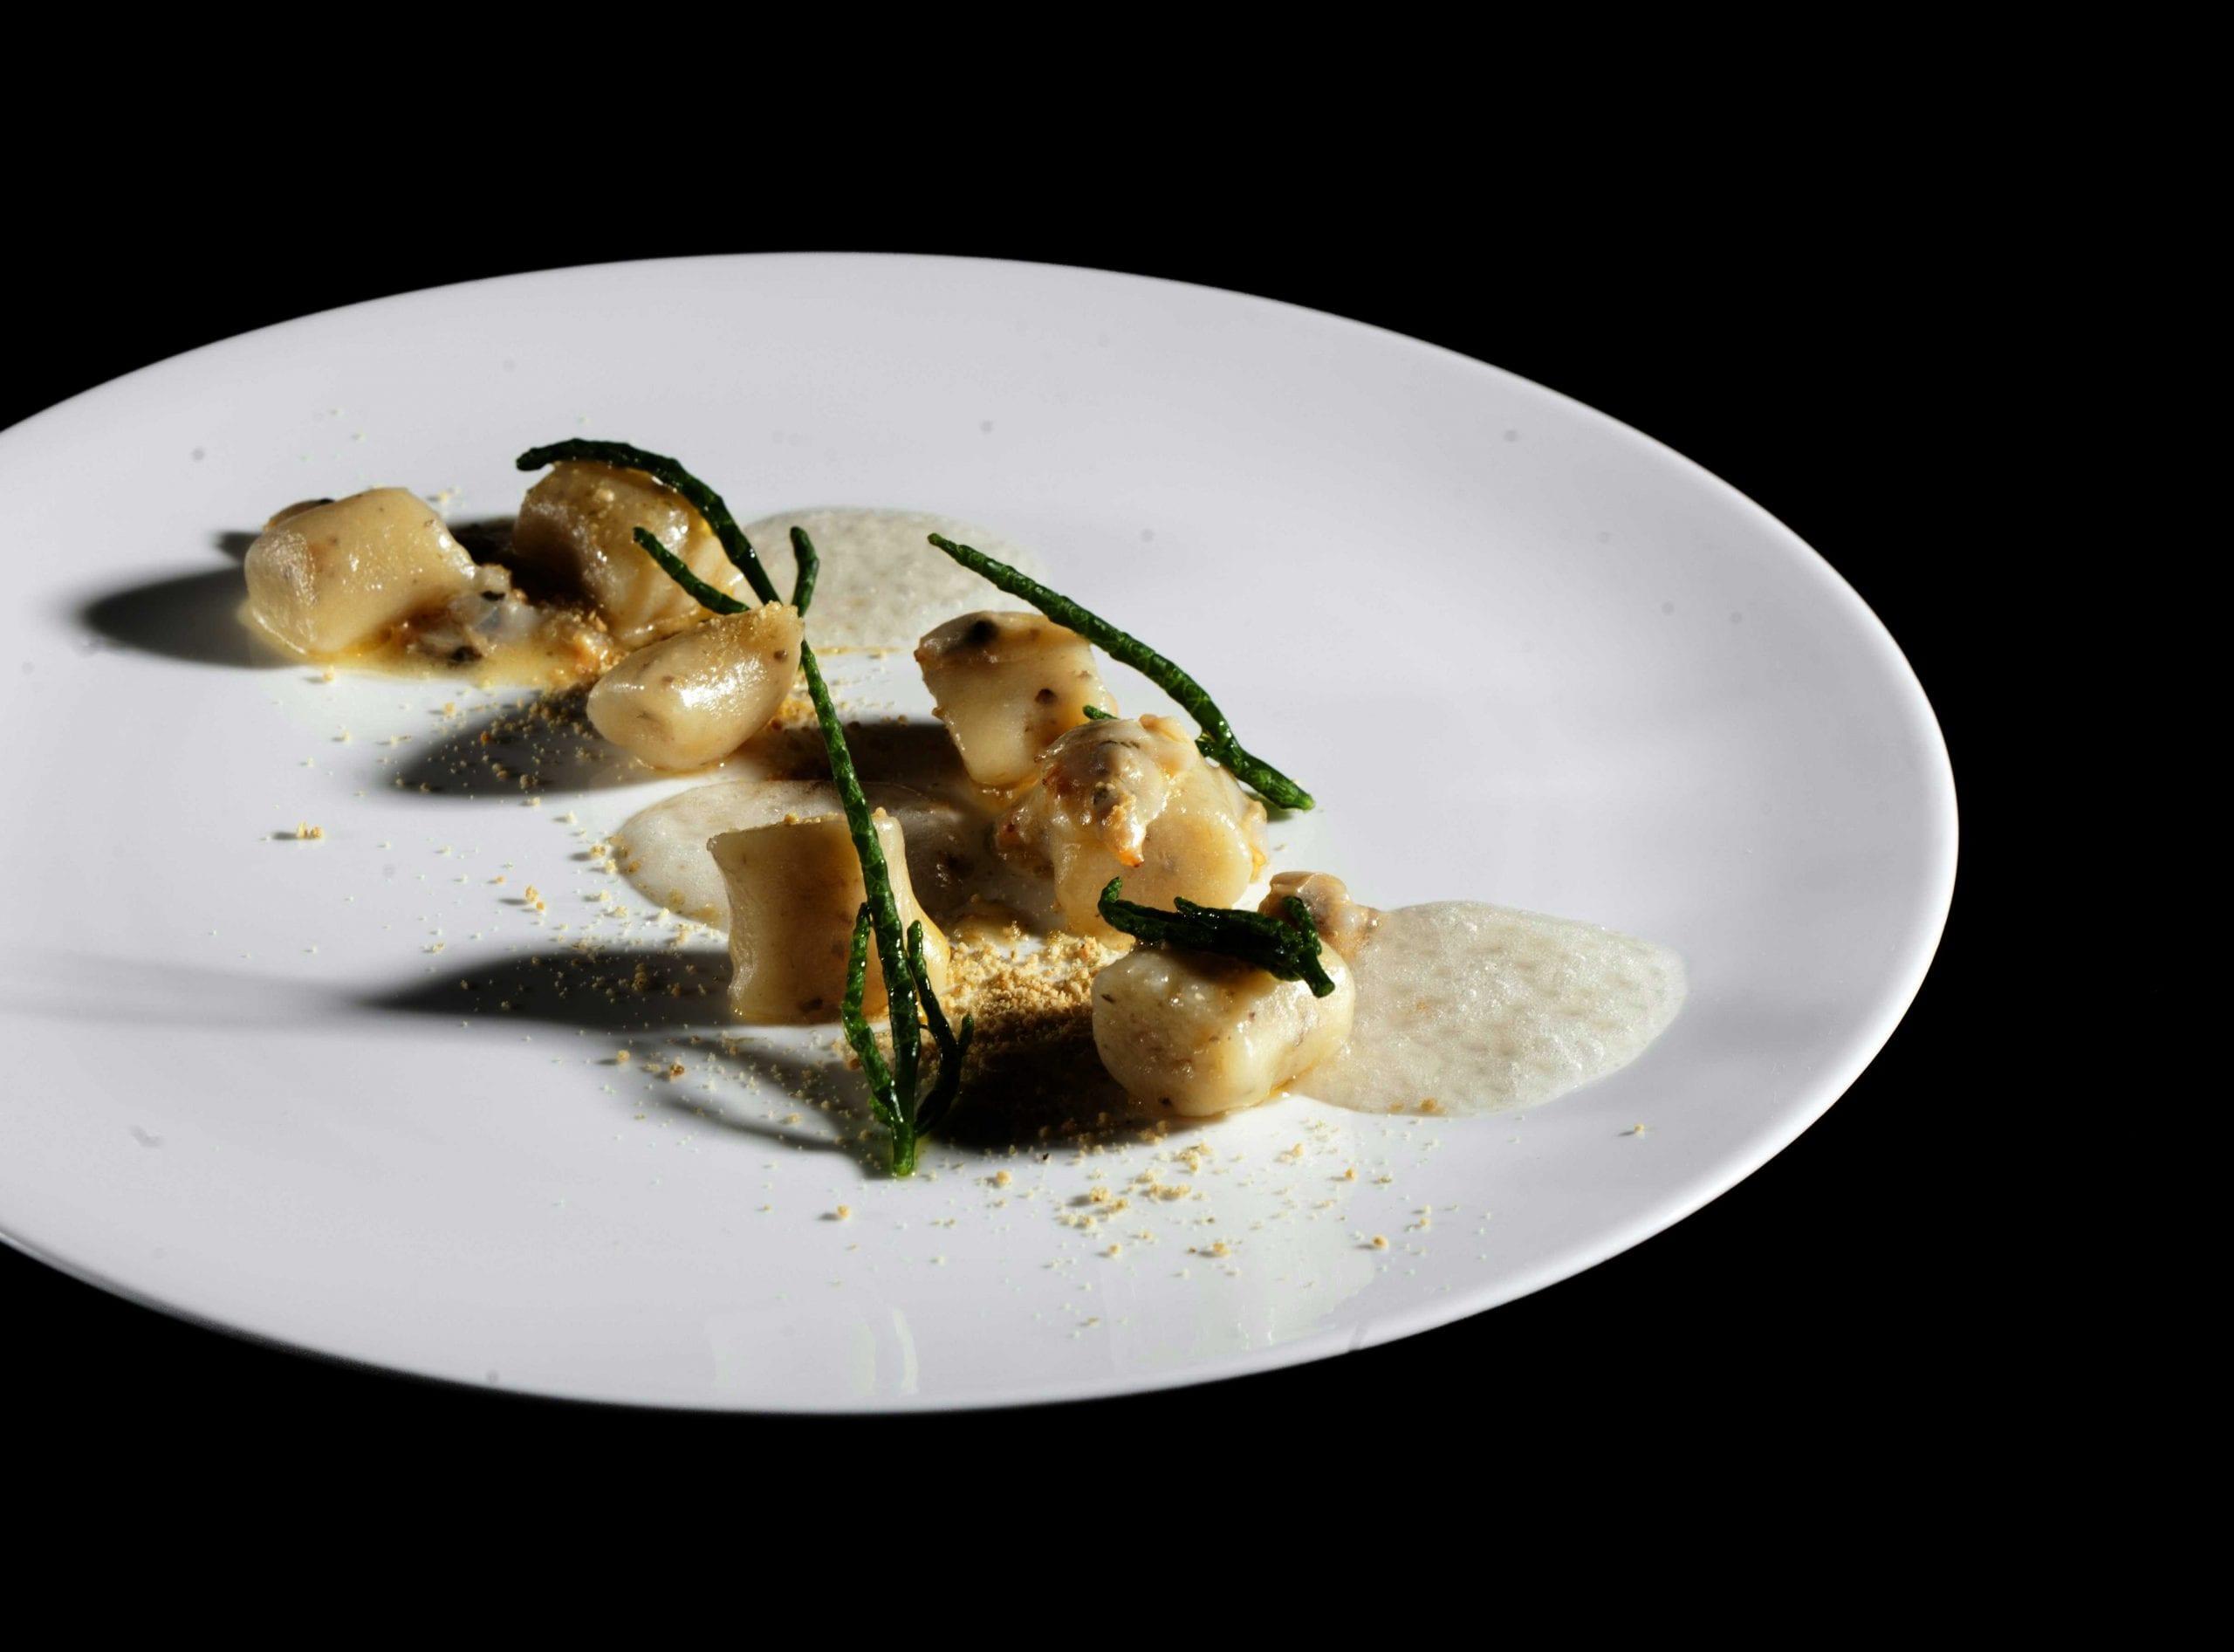 Gnocchi di topinambur con salsa di arselle e polvere di semi di zucca di Valentino Cassanelli